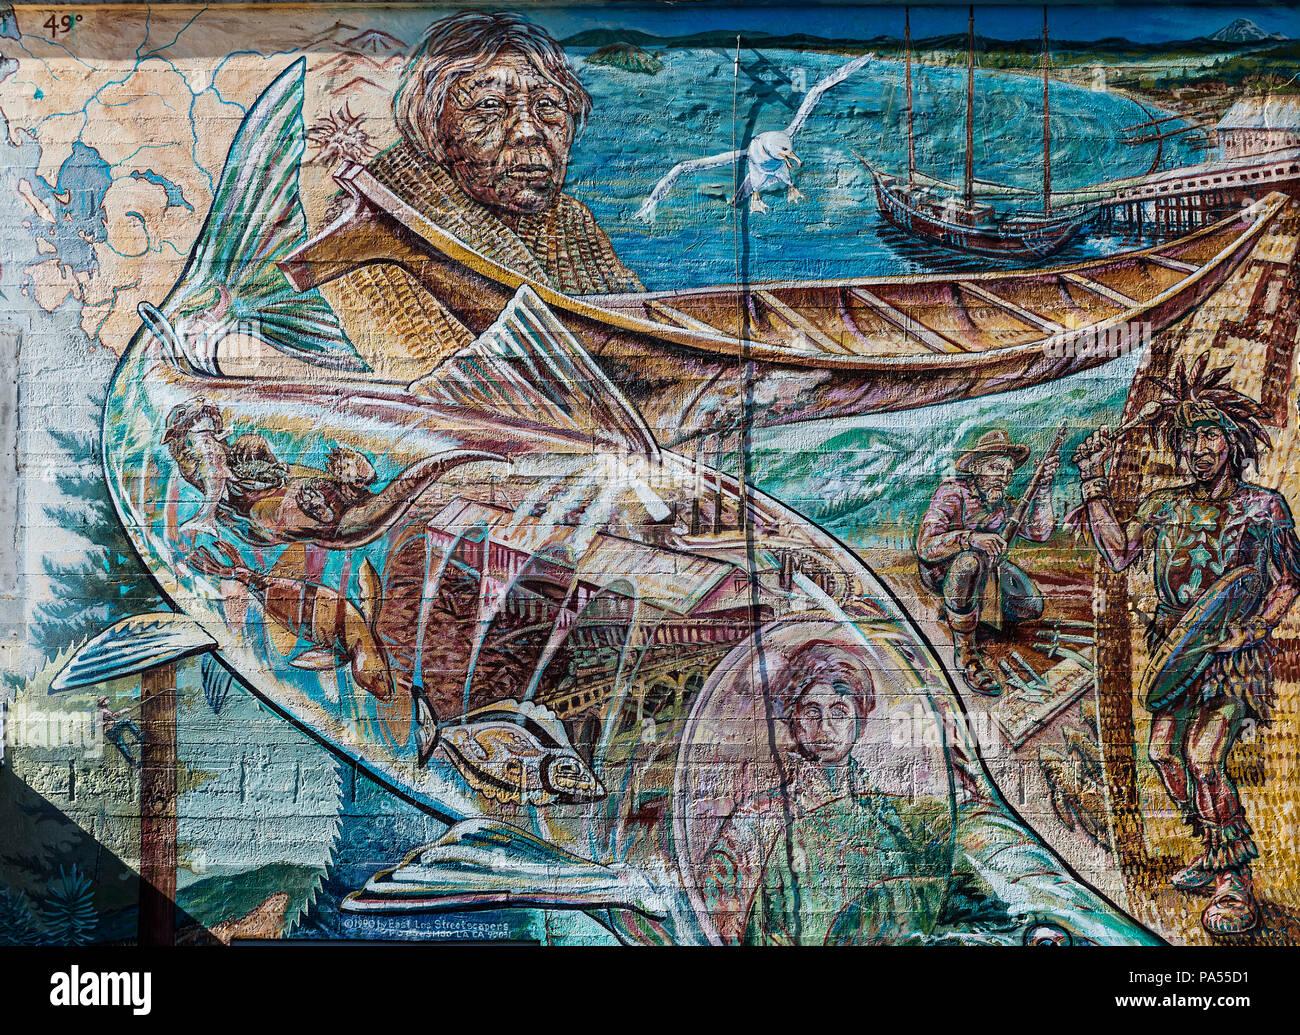 Fresque murale représentant la culture américaine indigène locale, Bellingham, Washington State, USA. Photo Stock